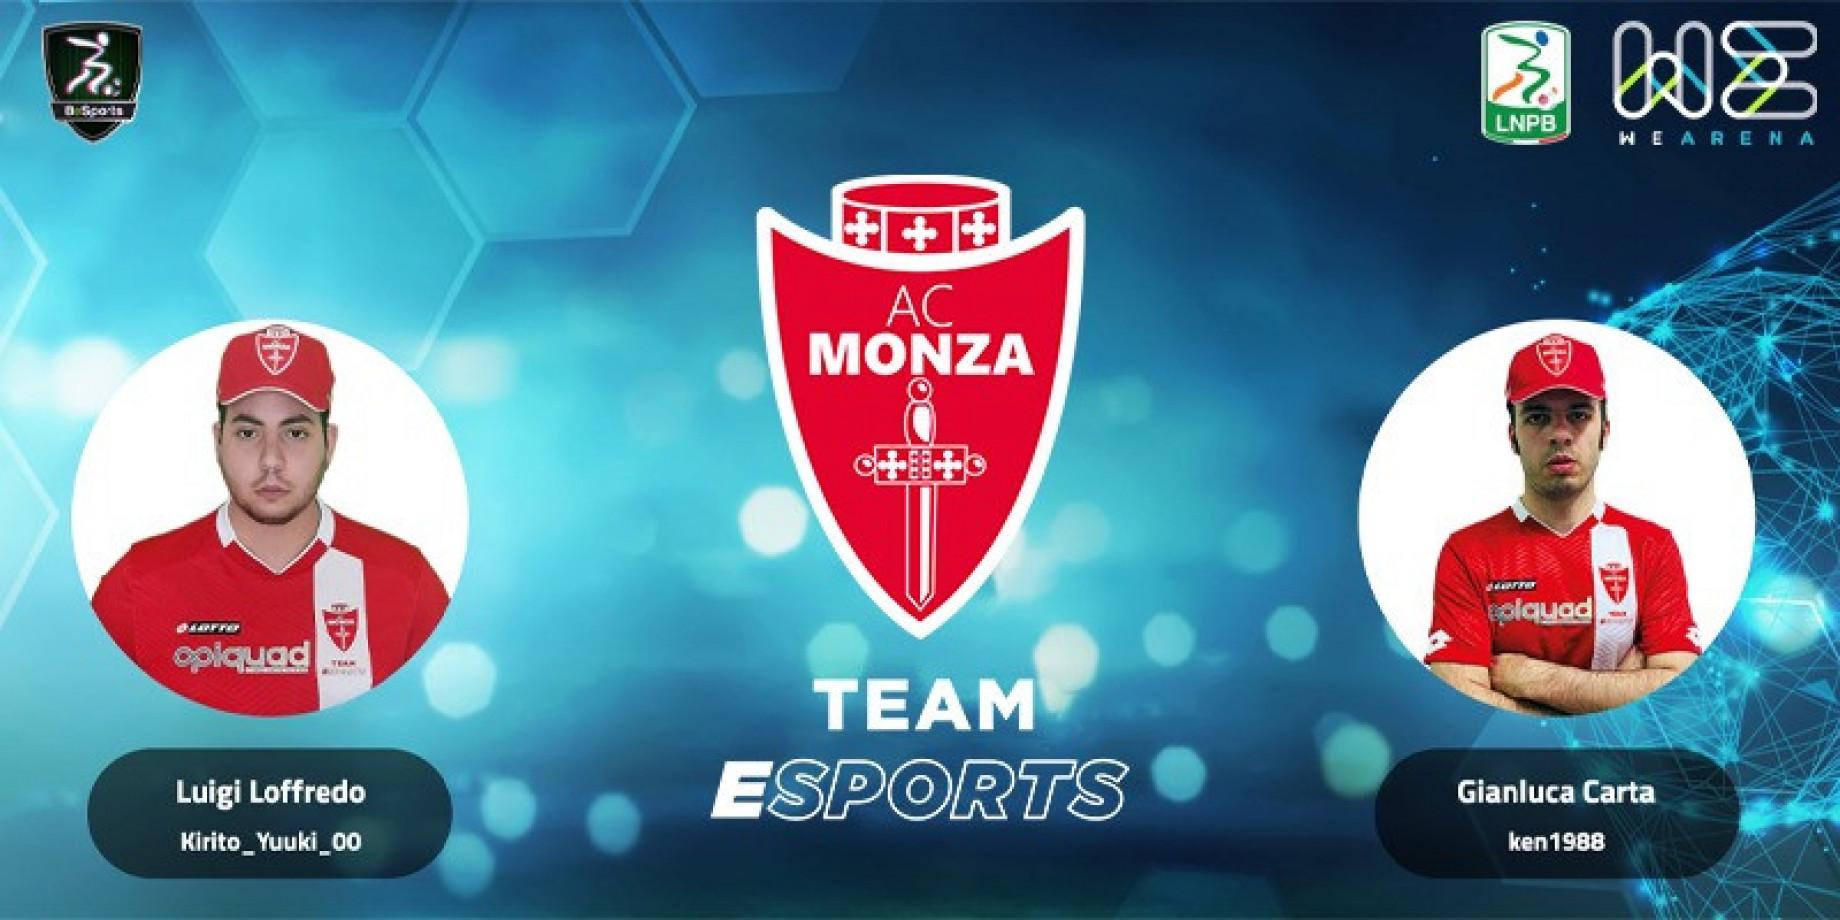 monza.esports.ok.jpg